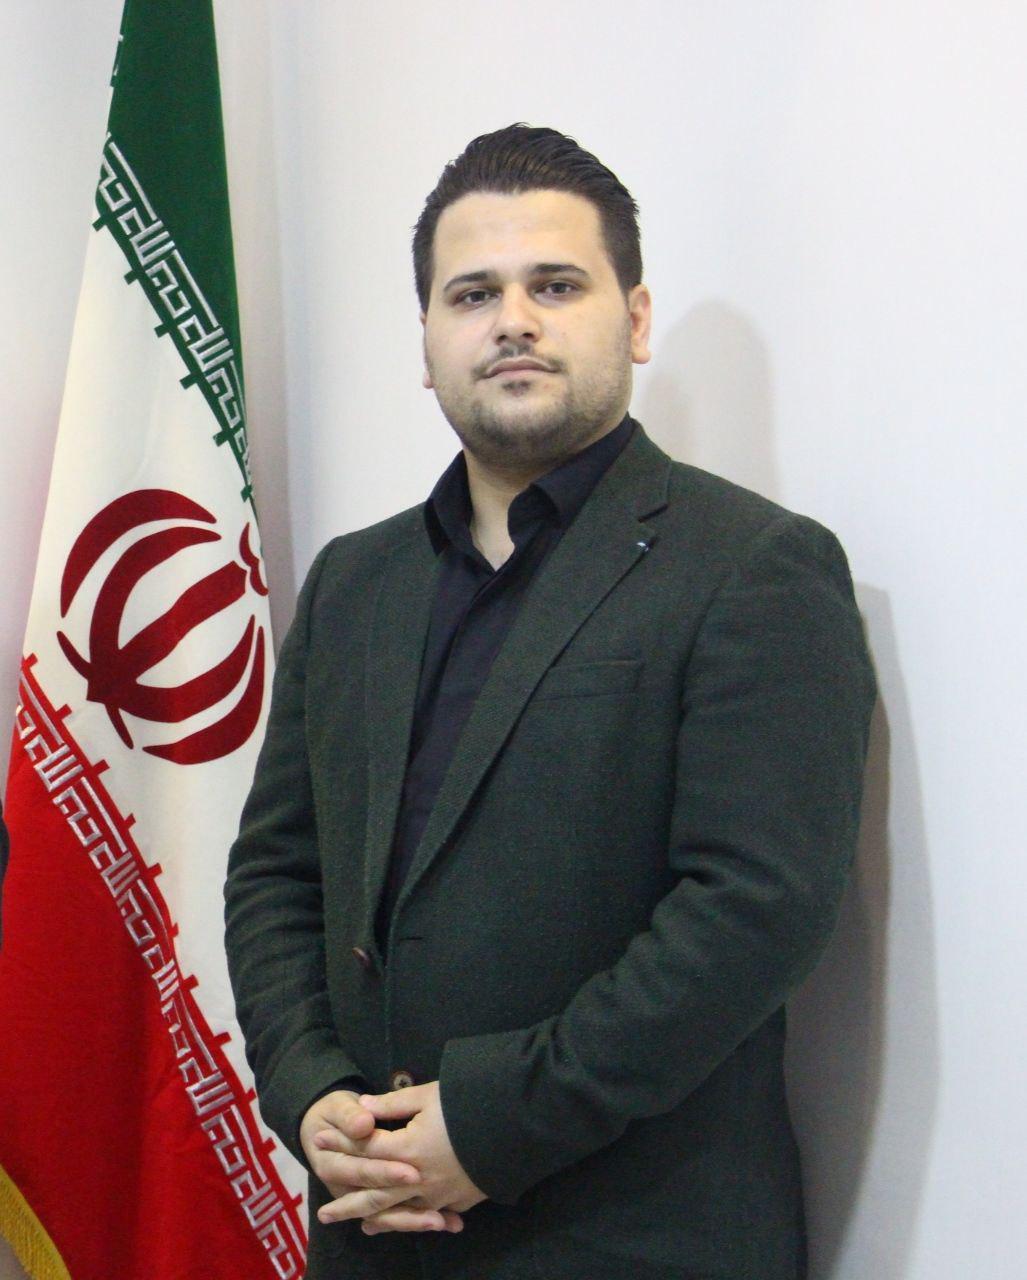 انتخابات ۱۴۰۰؛ مهدی میزانی خبرنگار مطرح گیلانی کاندیدای شورای شهر تالش شد